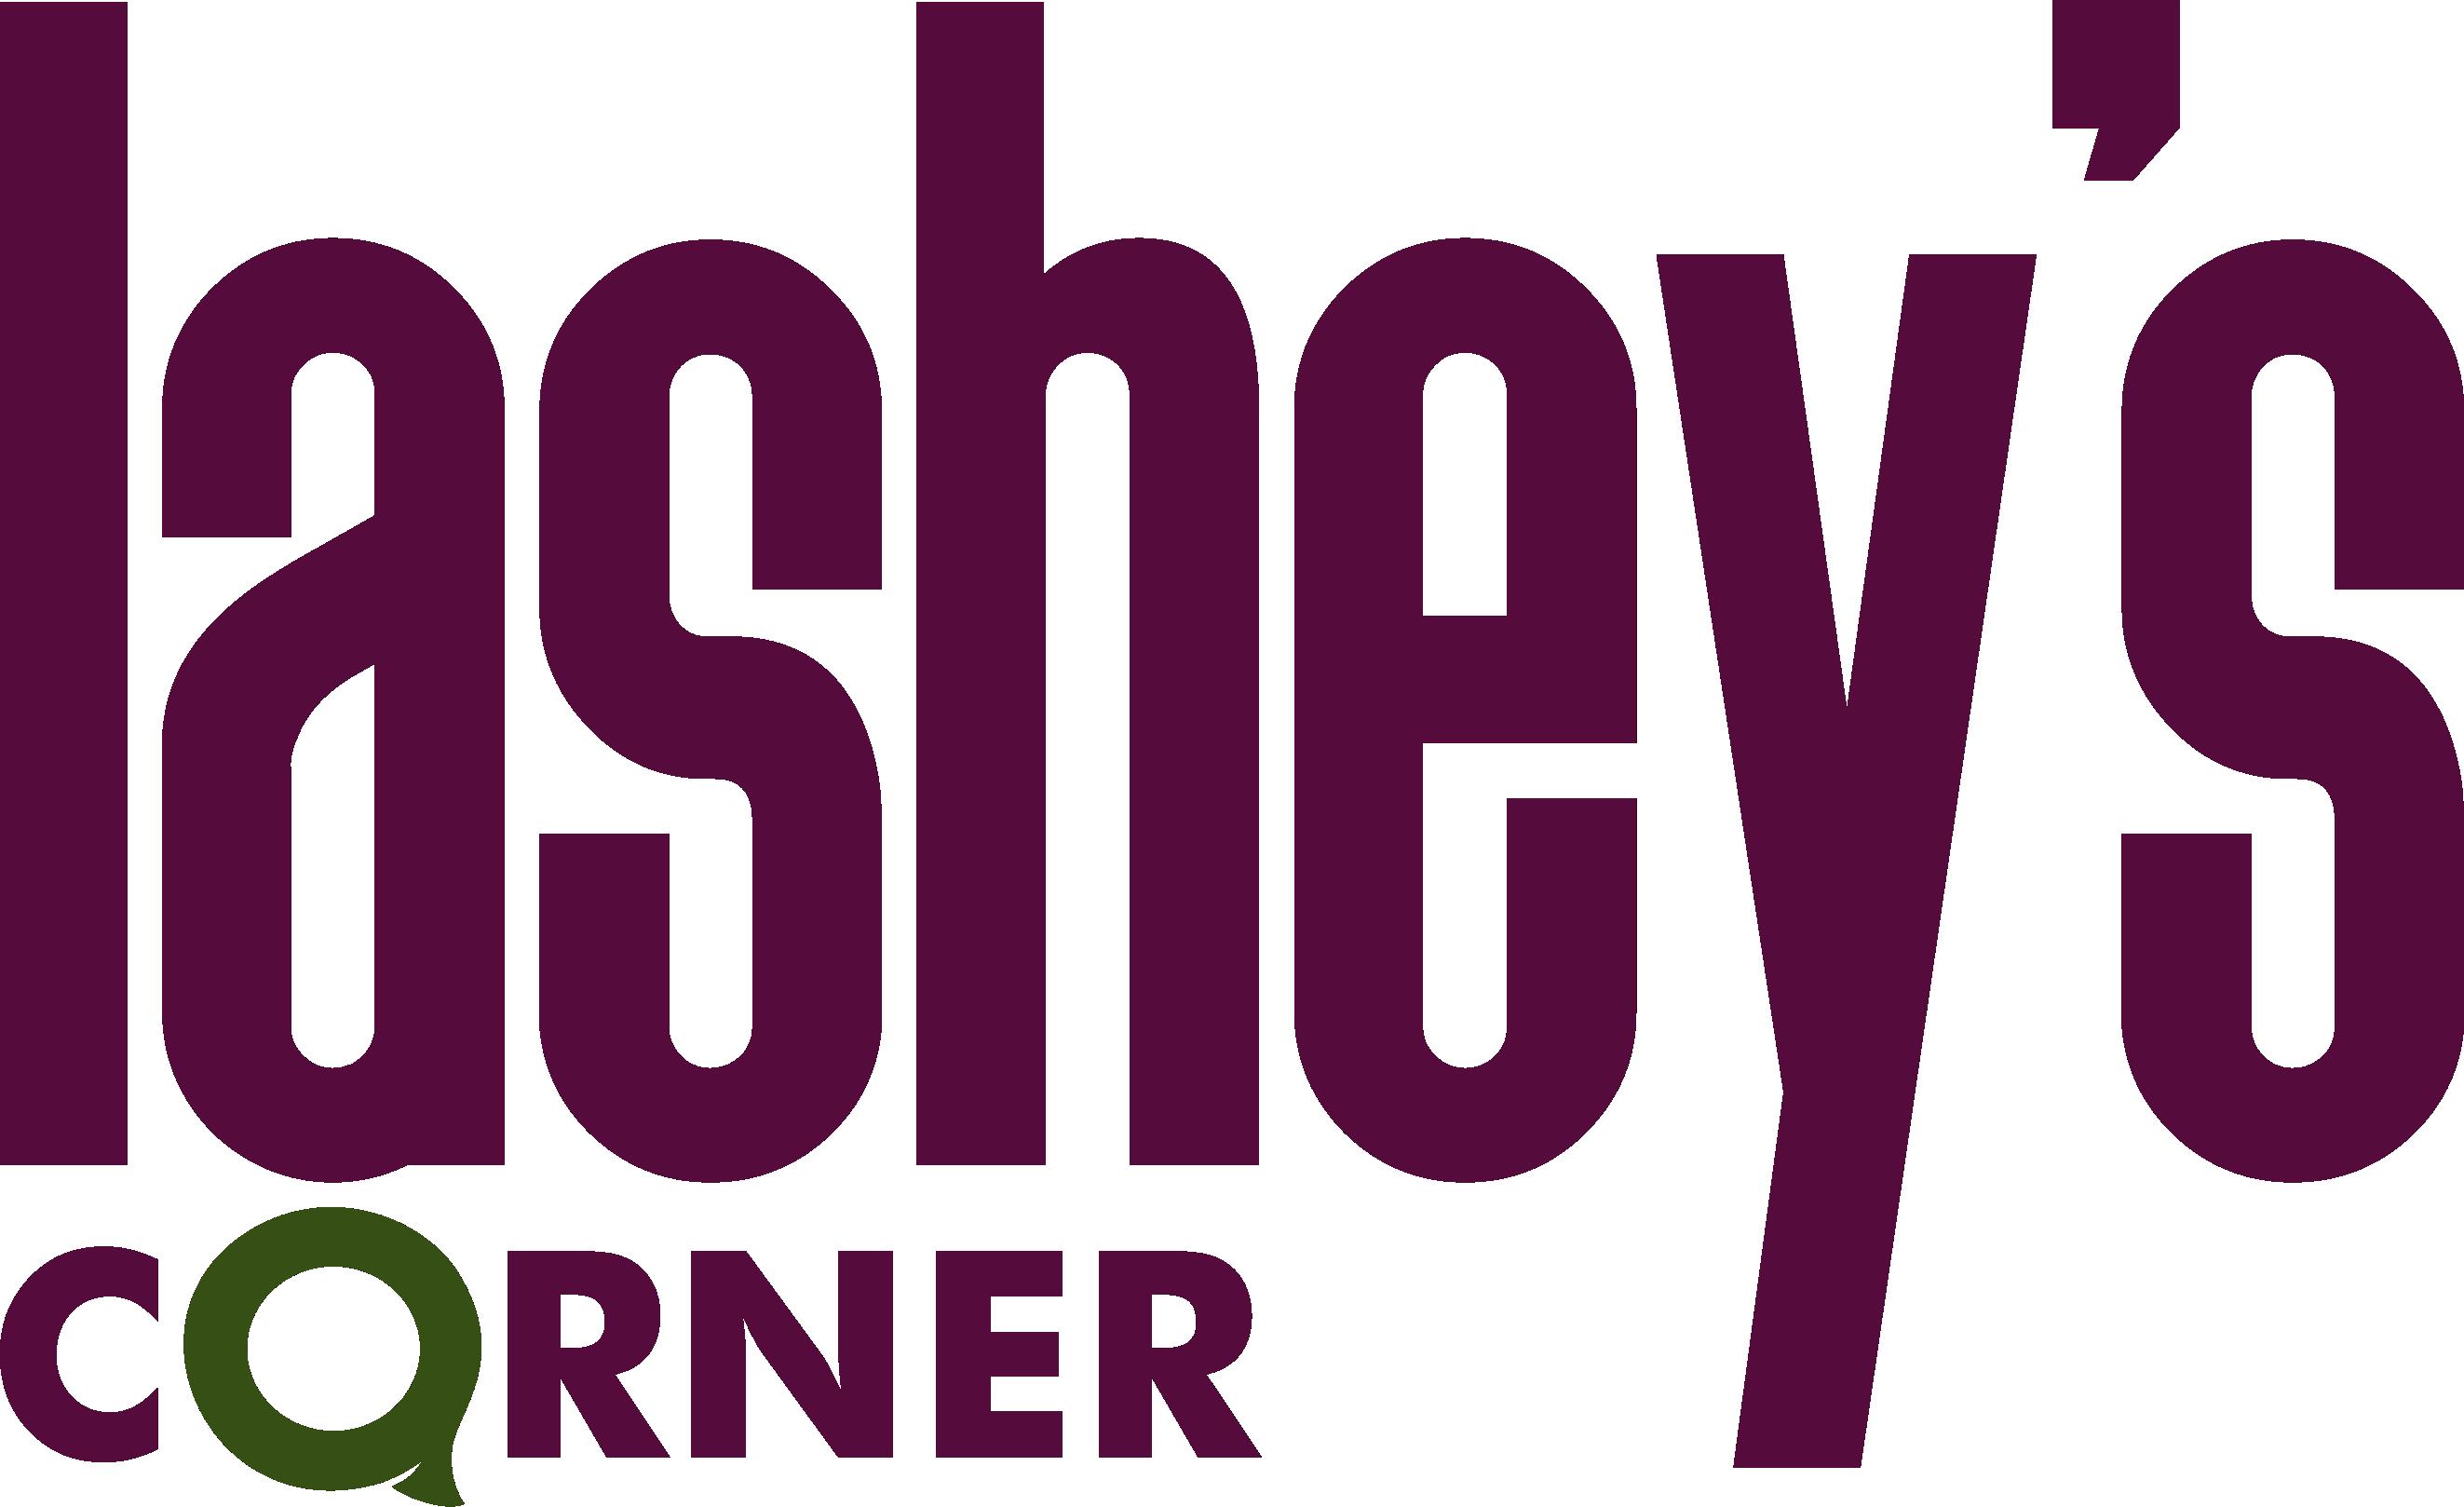 Lashey Corner